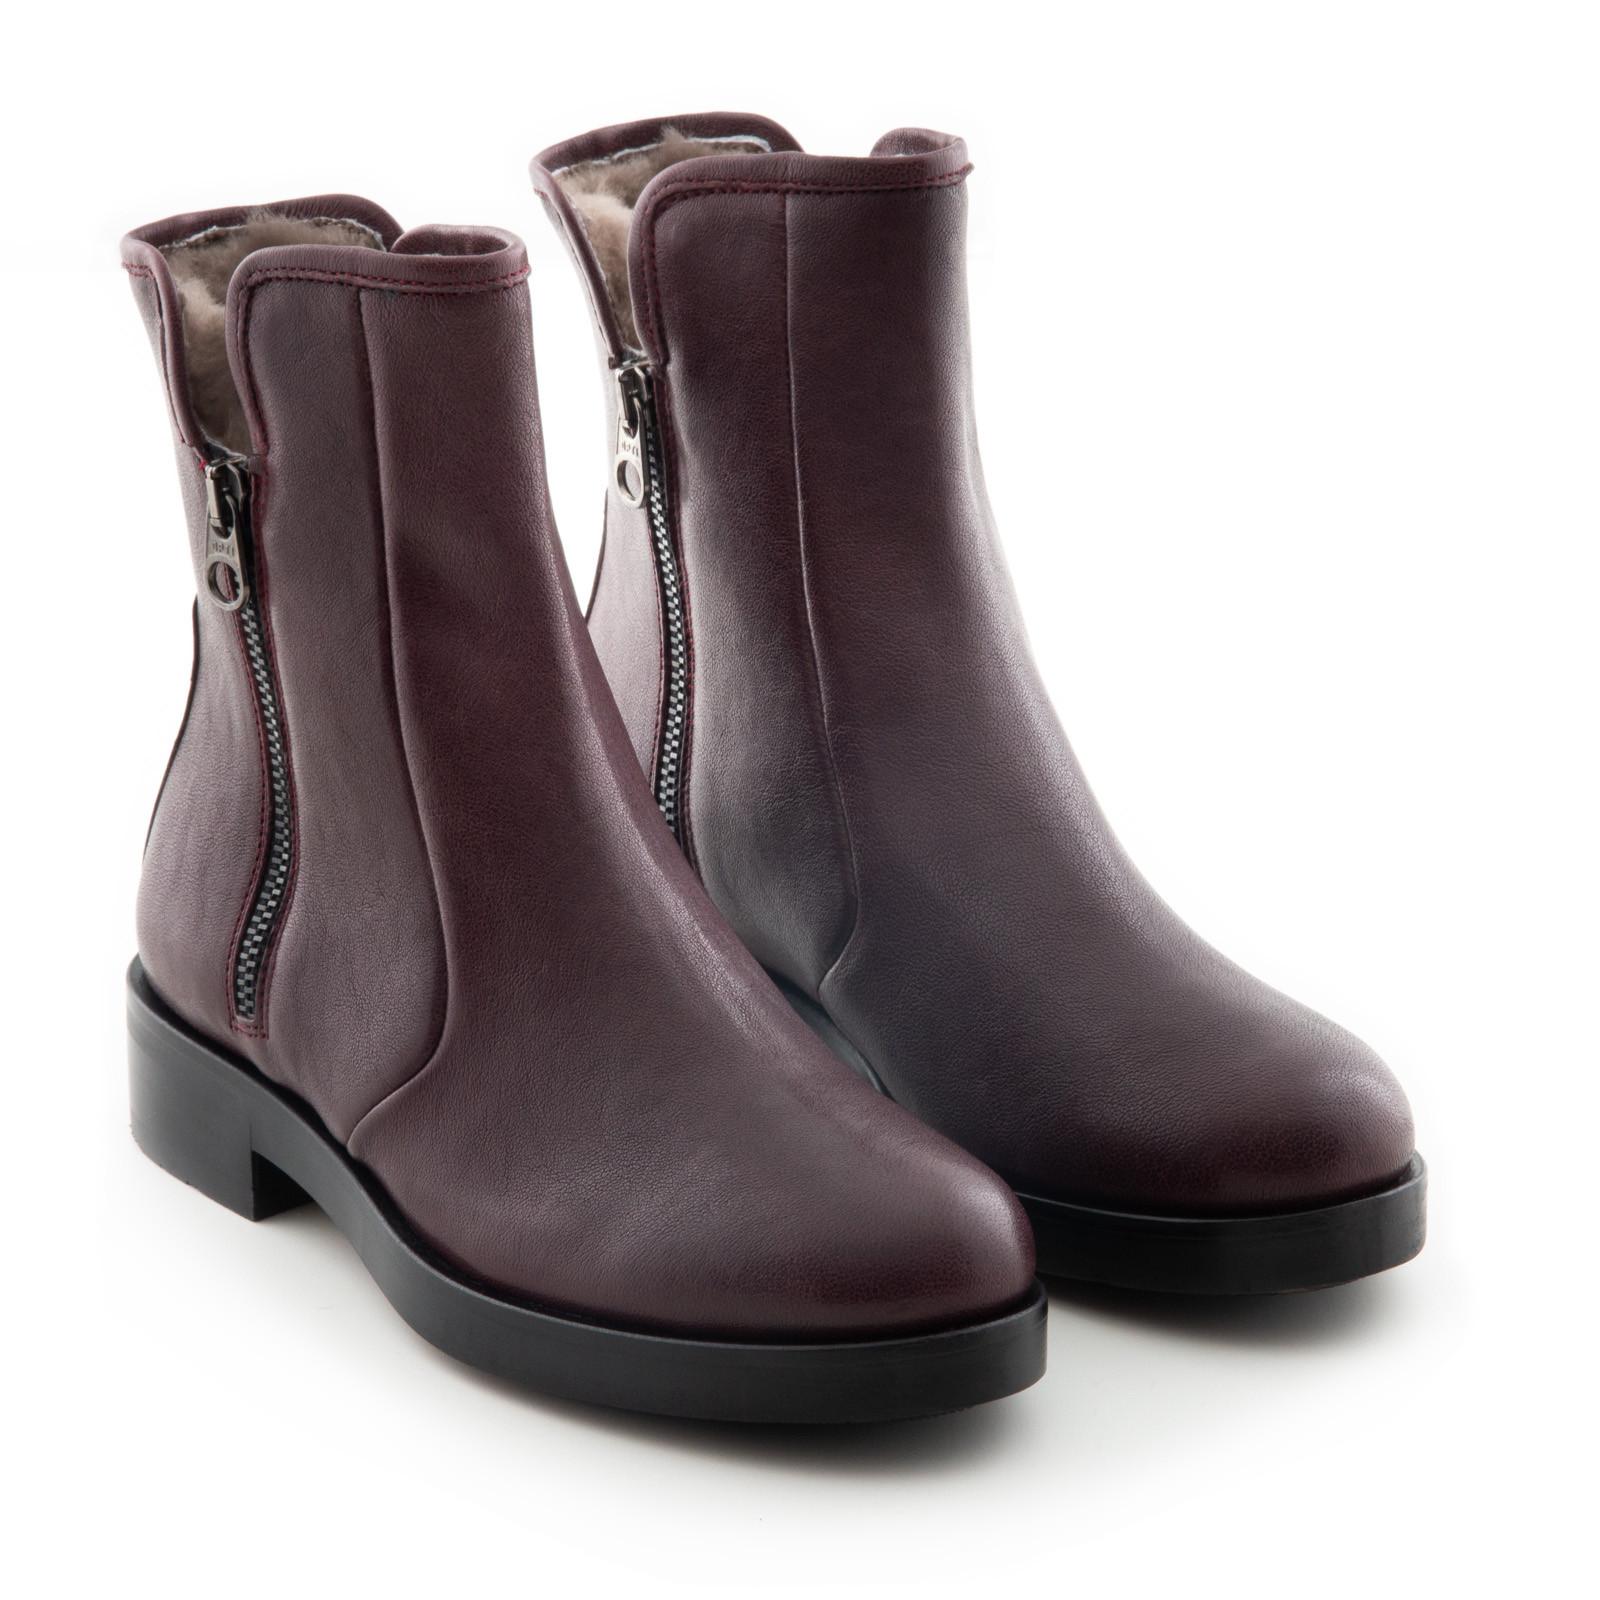 Echtes Hammelfell hält die Füße angenehm warm.